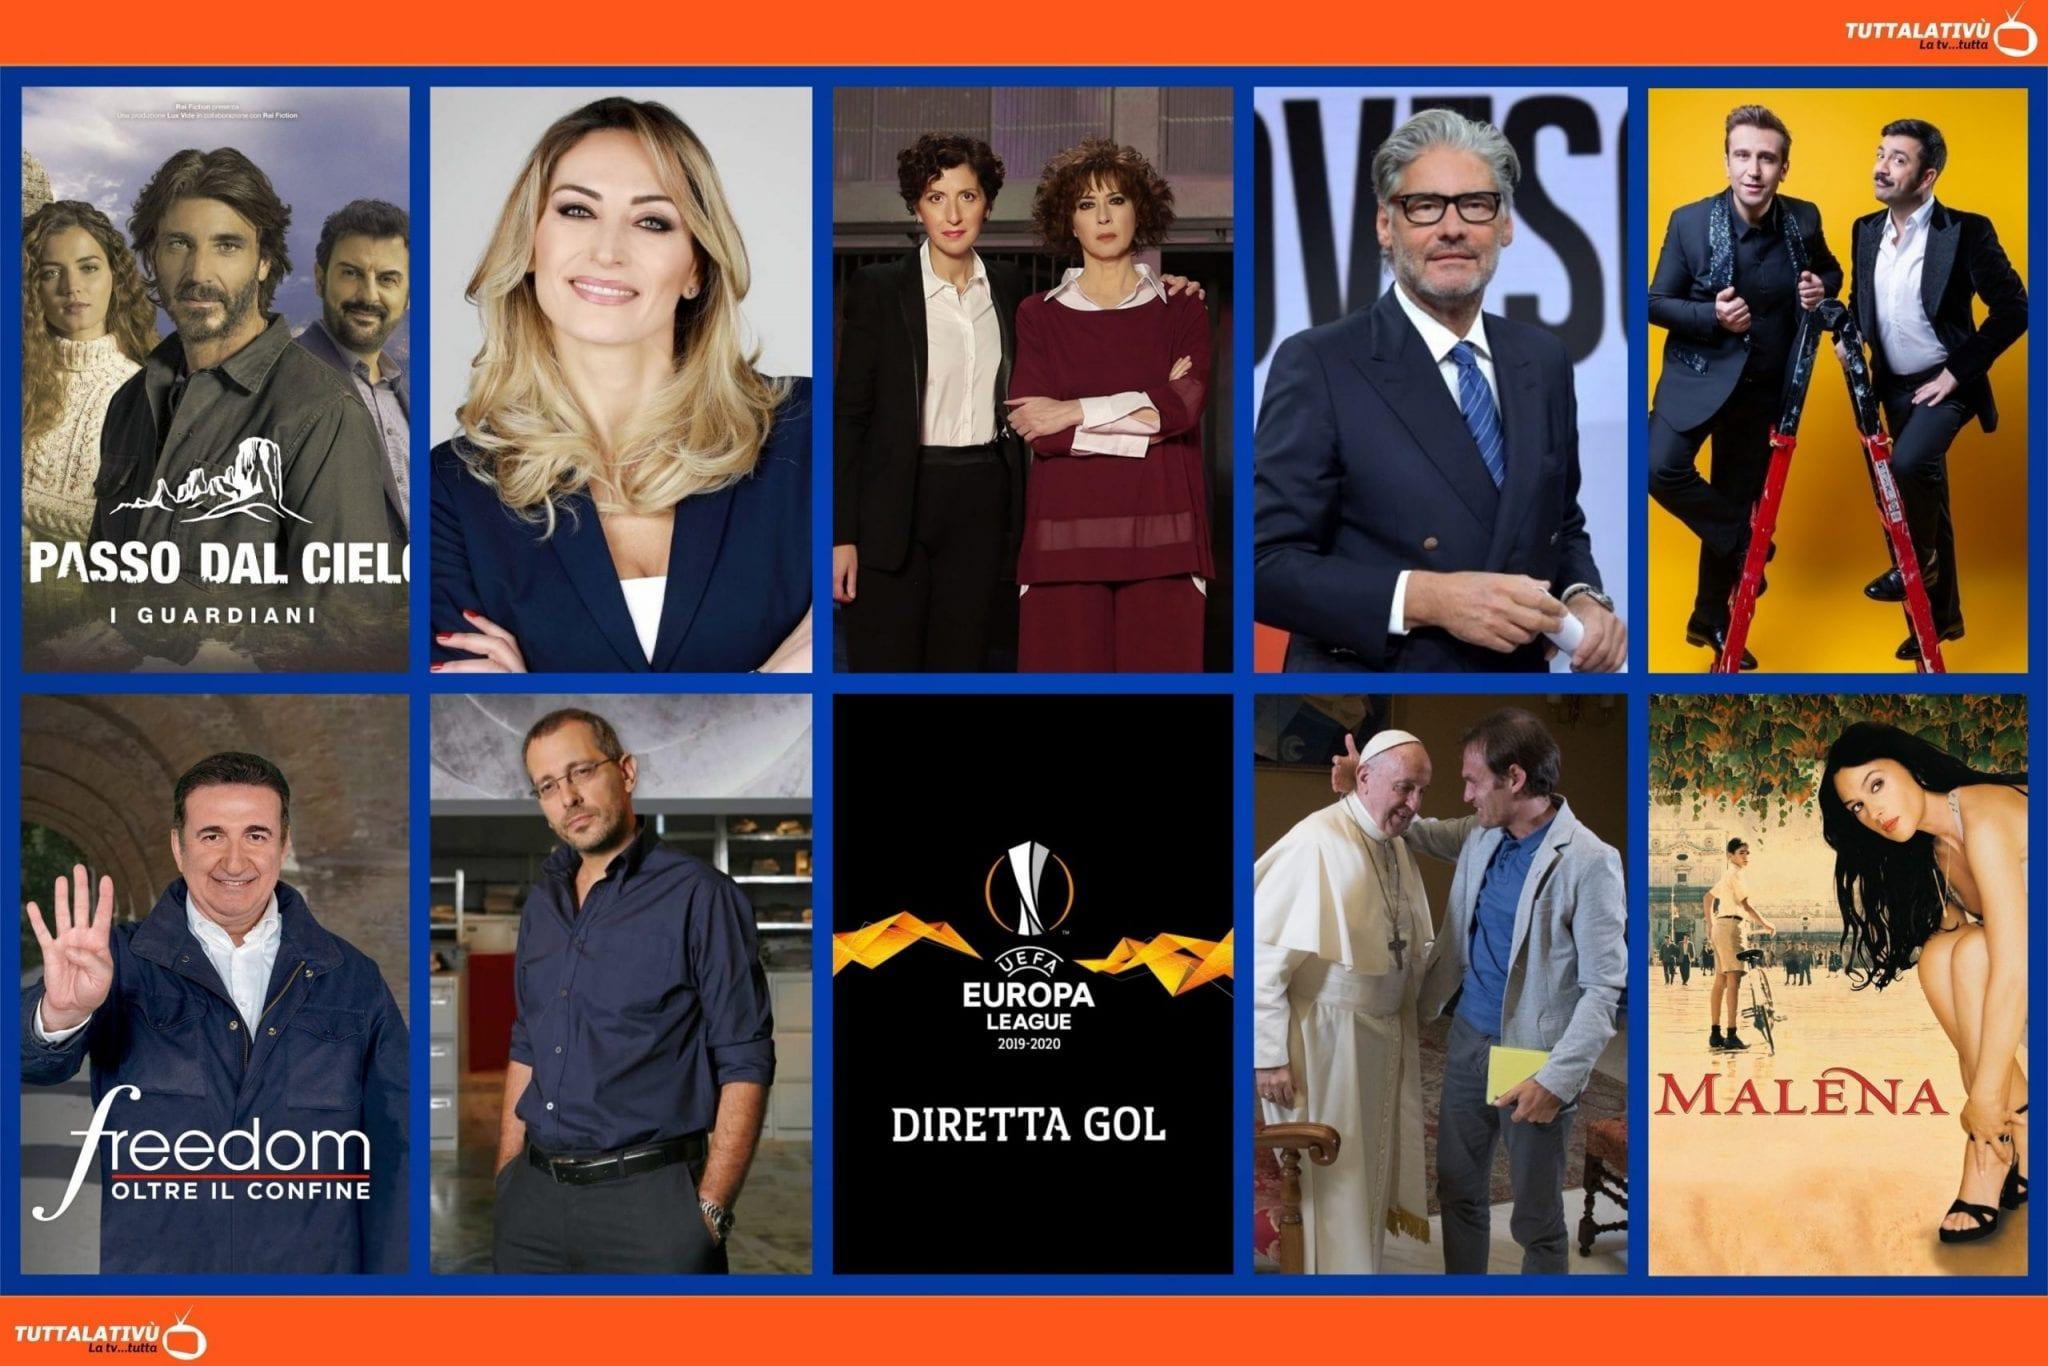 GuidaTV 6 Maggio 2021: Il meglio di Felicissima Sera, Un Passo Dal Cielo 6, Amore Criminale, Diretta Gol per l'Europa League, Malena (su Cine34)